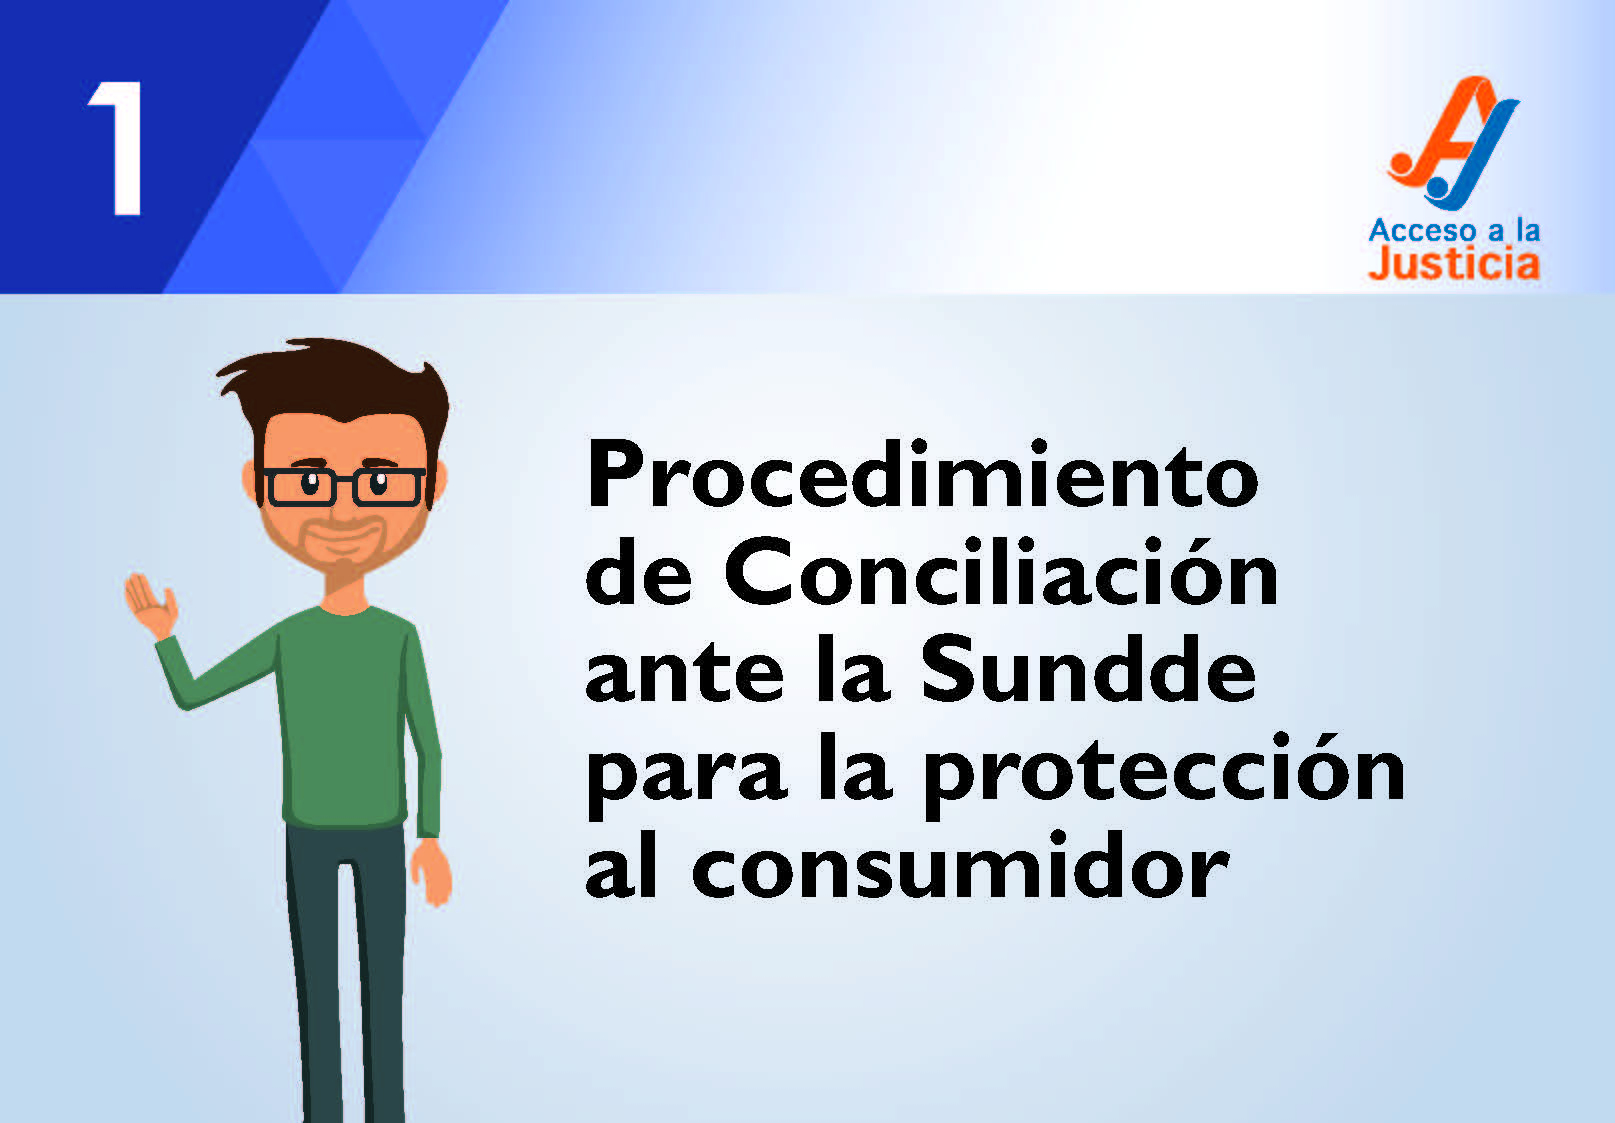 Procedimiento de Conciliación ante la Sundde